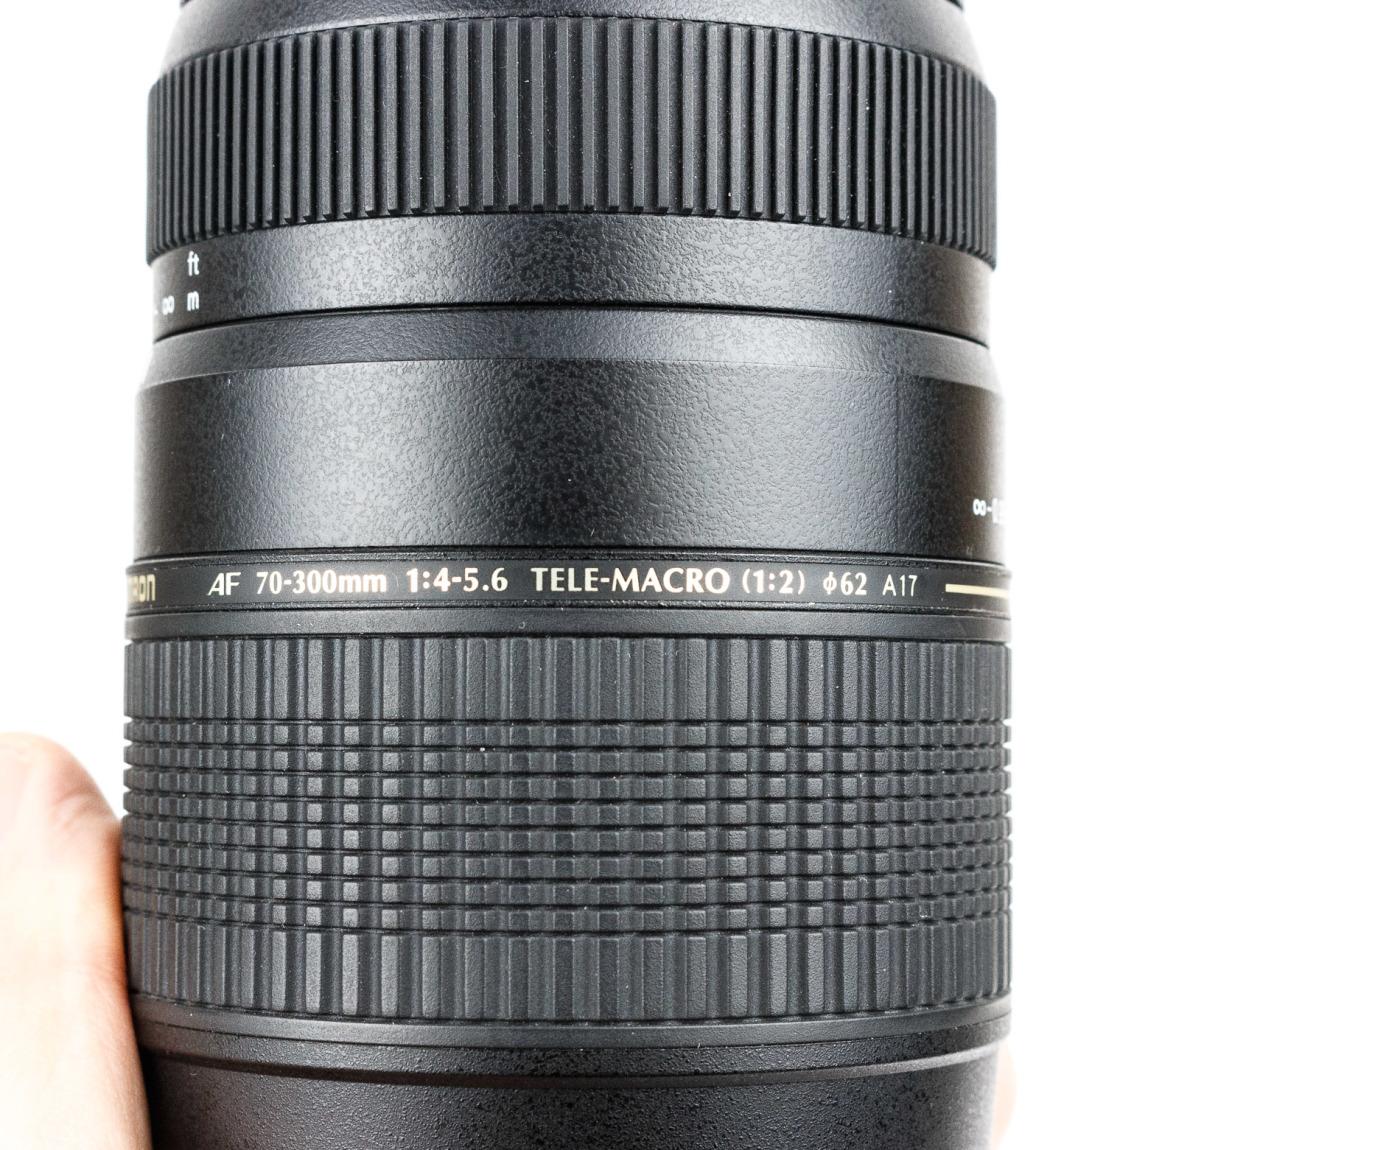 Tamron AF 70-300mm